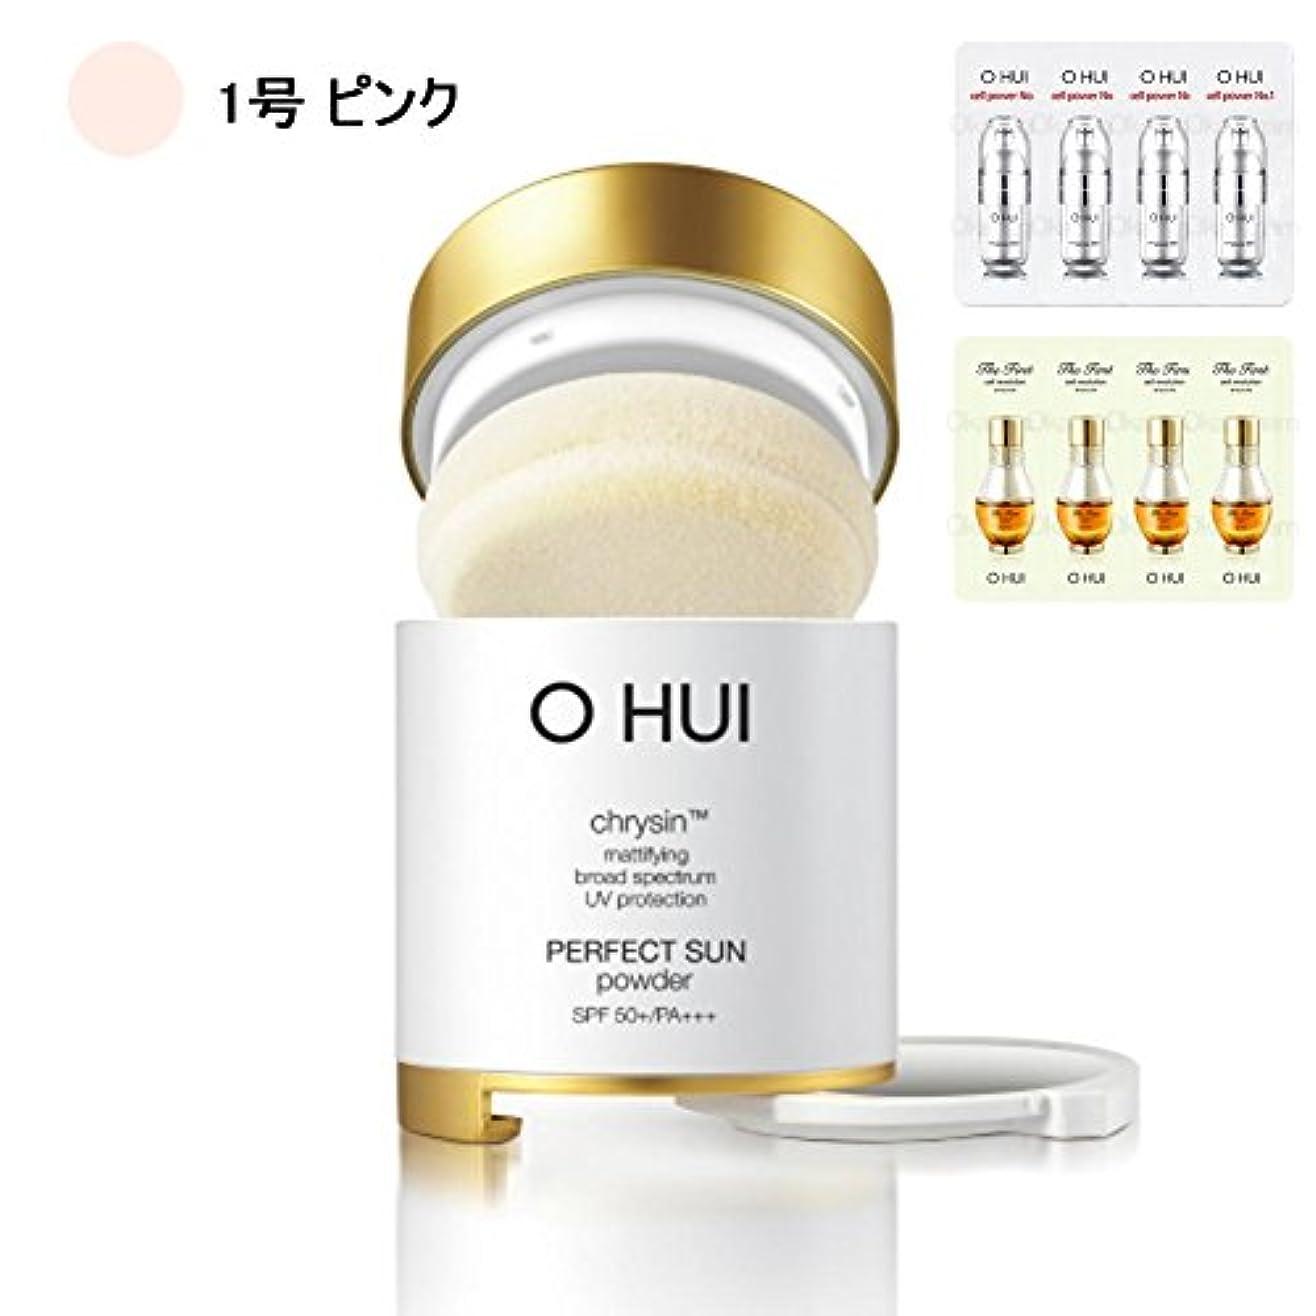 混乱させる迫害カフェテリア[オフィ/O HUI]韓国化粧品 LG生活健康/OHUI OFS06 PERFECT SUN POWDER/オフィ パーフェクトサンパウダー 1号 (SPF50+/PA+++) +[Sample Gift](海外直送品)